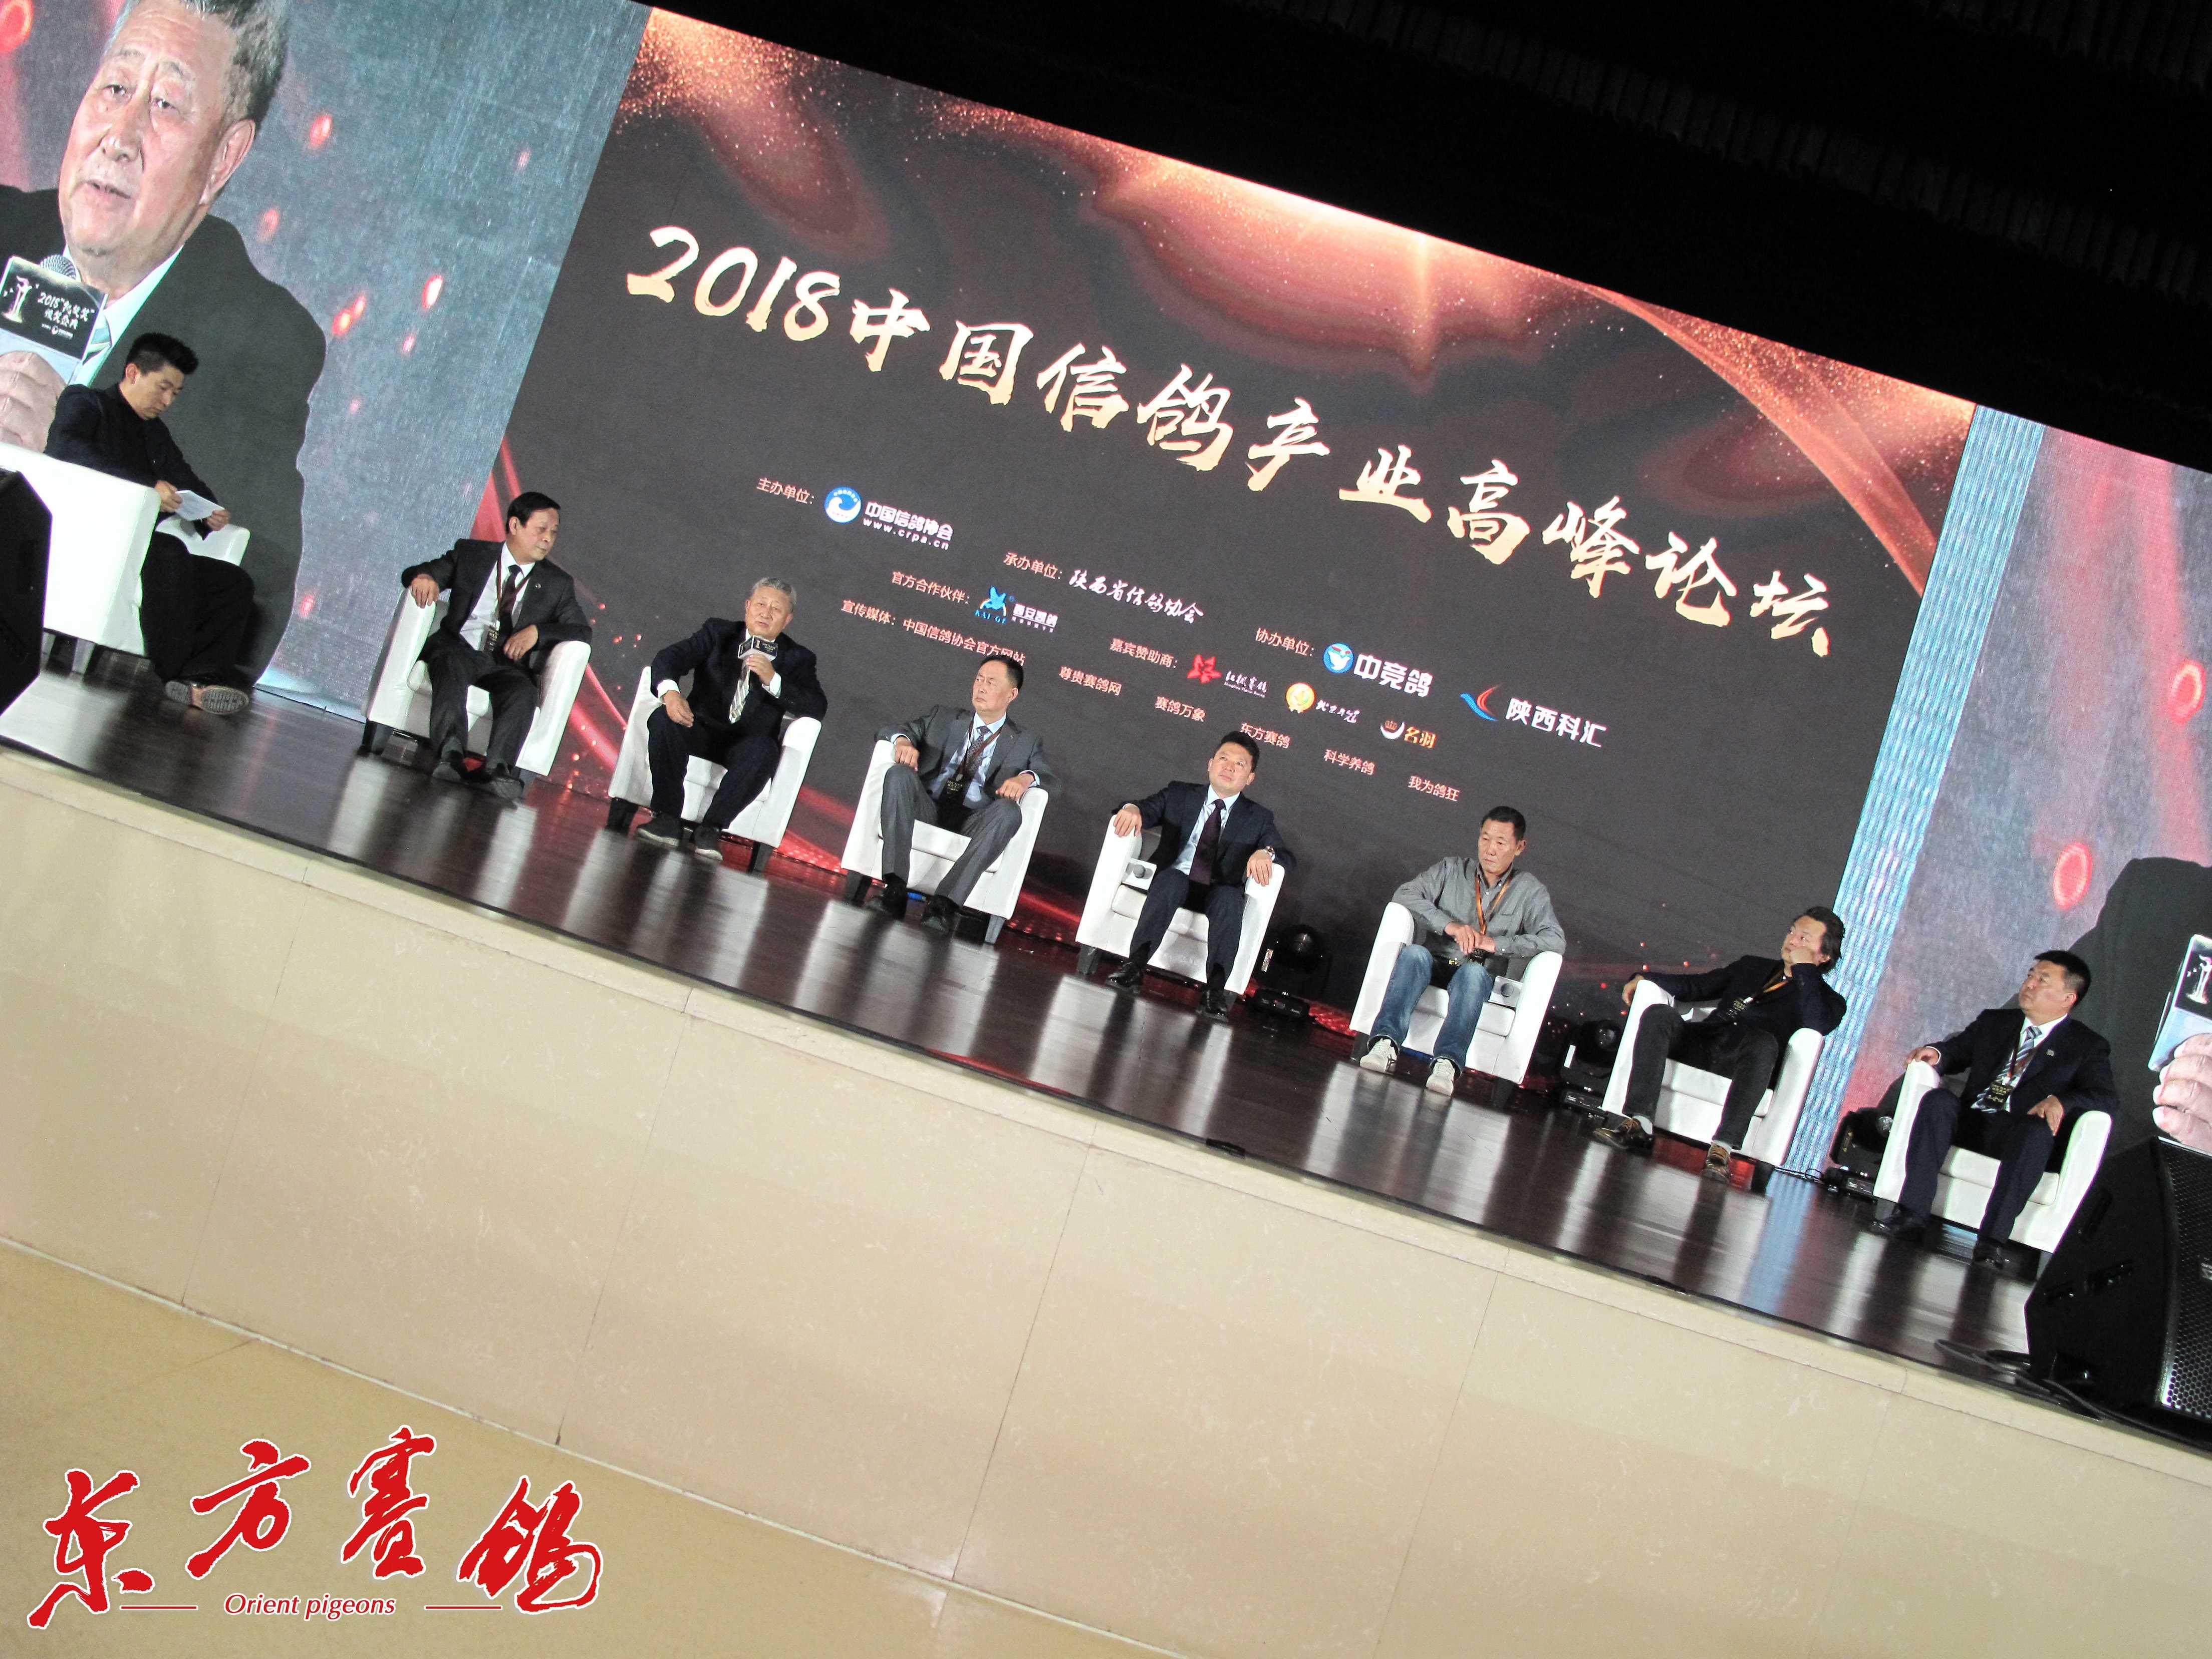 """中鸽协主办的""""中国信鸽高峰论坛嘉宾主持人罗汉宋、宋智海、樊荣、王军、李福太、杨一波、王成健、"""